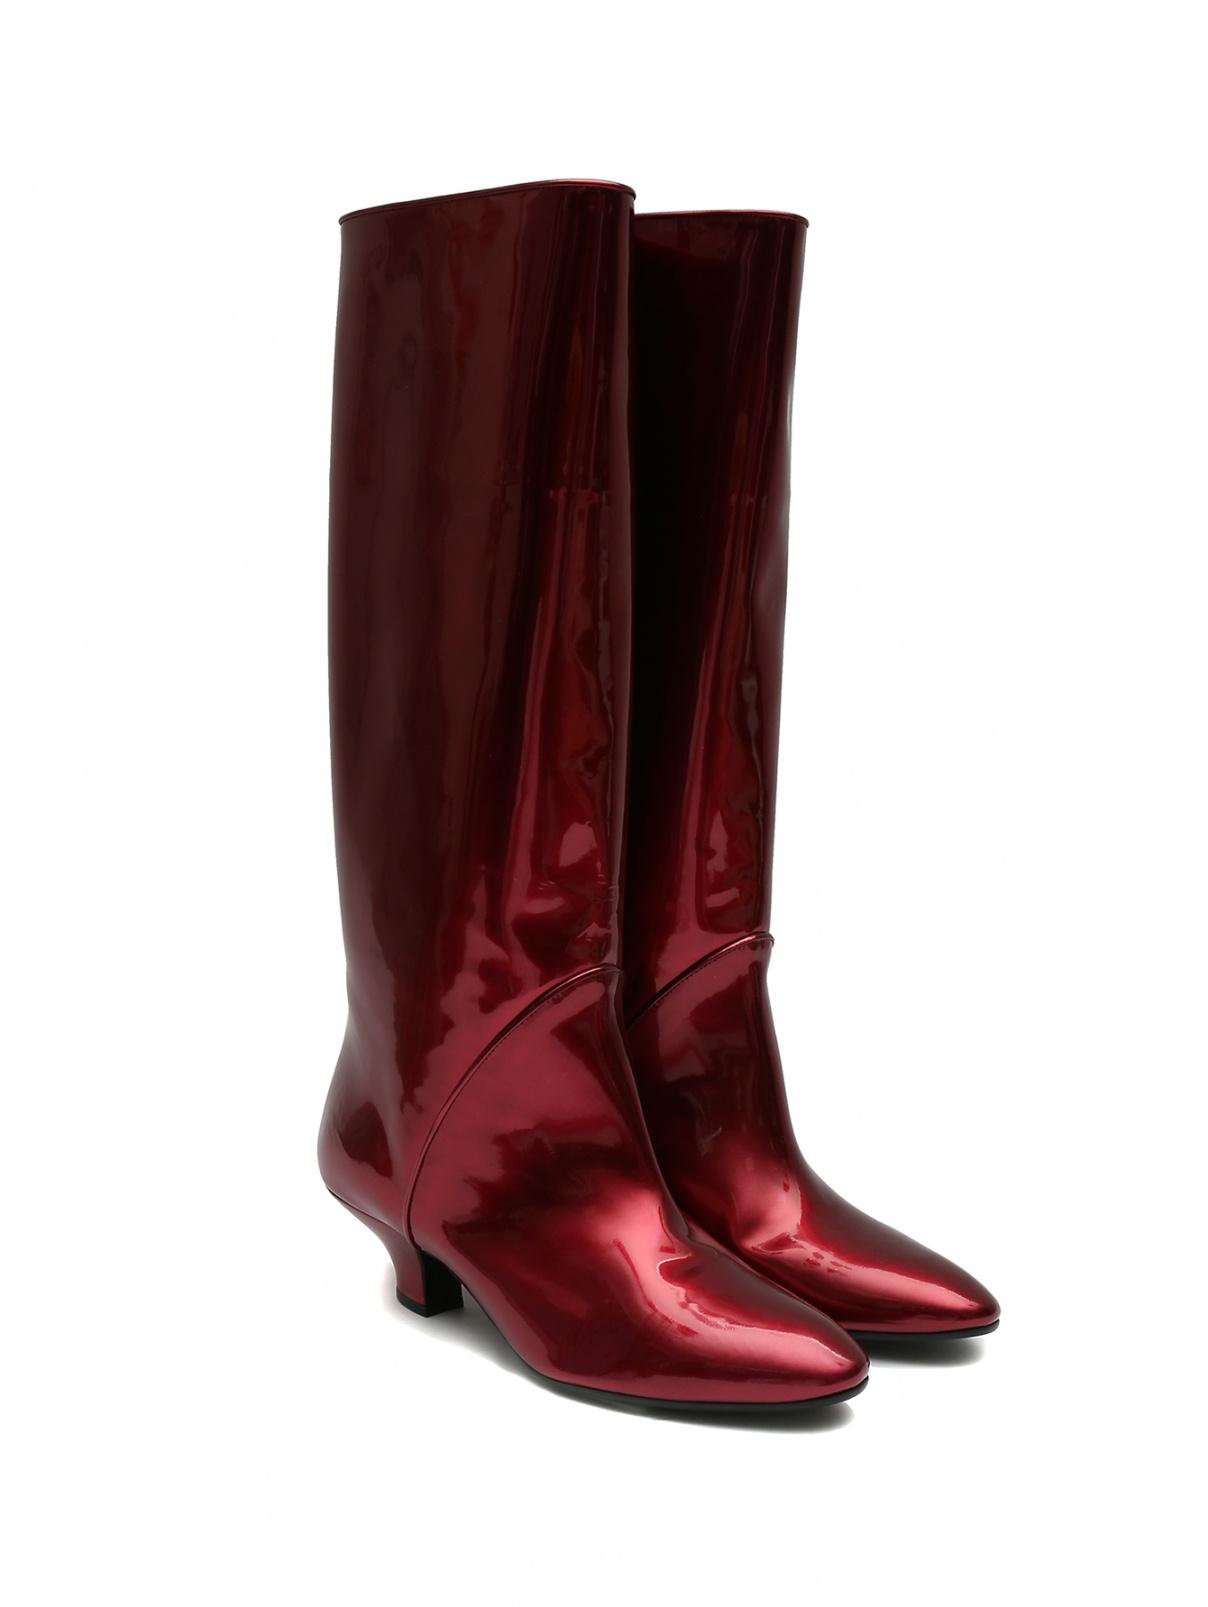 Сапоги из лаковой кожи на среднем каблуке Marc Jacobs  –  Общий вид  – Цвет:  Красный